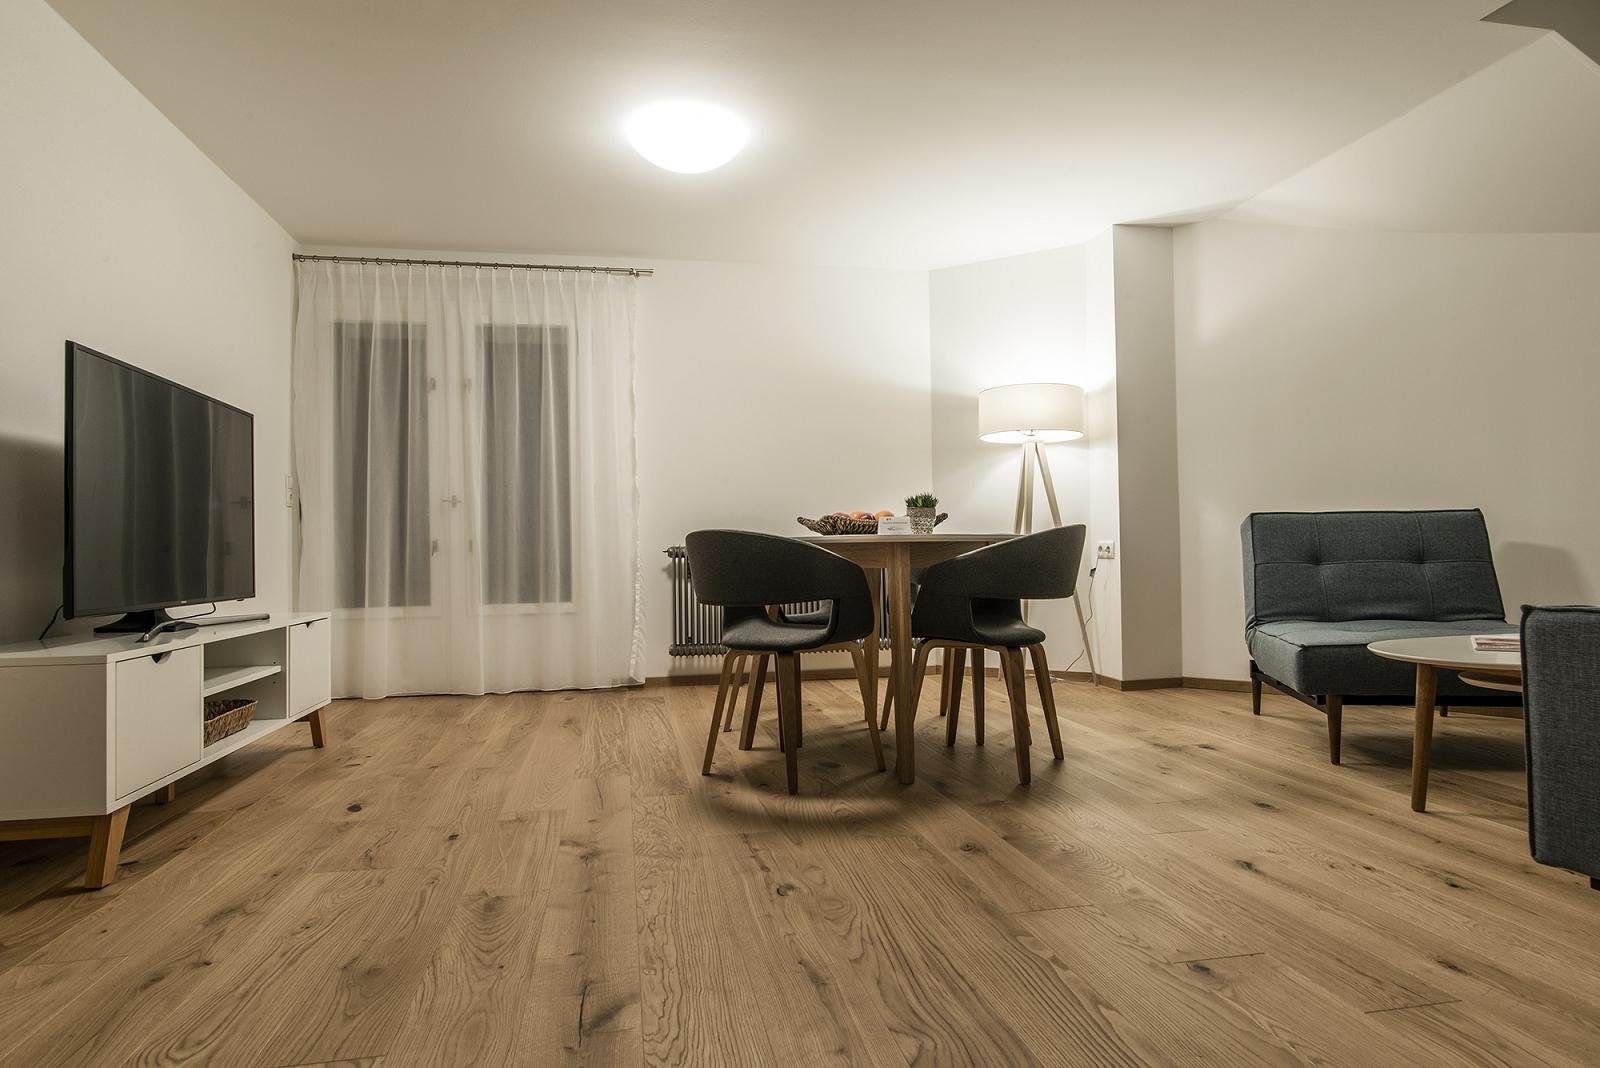 Haus Kapell Apartement 4 Wohnzimmer